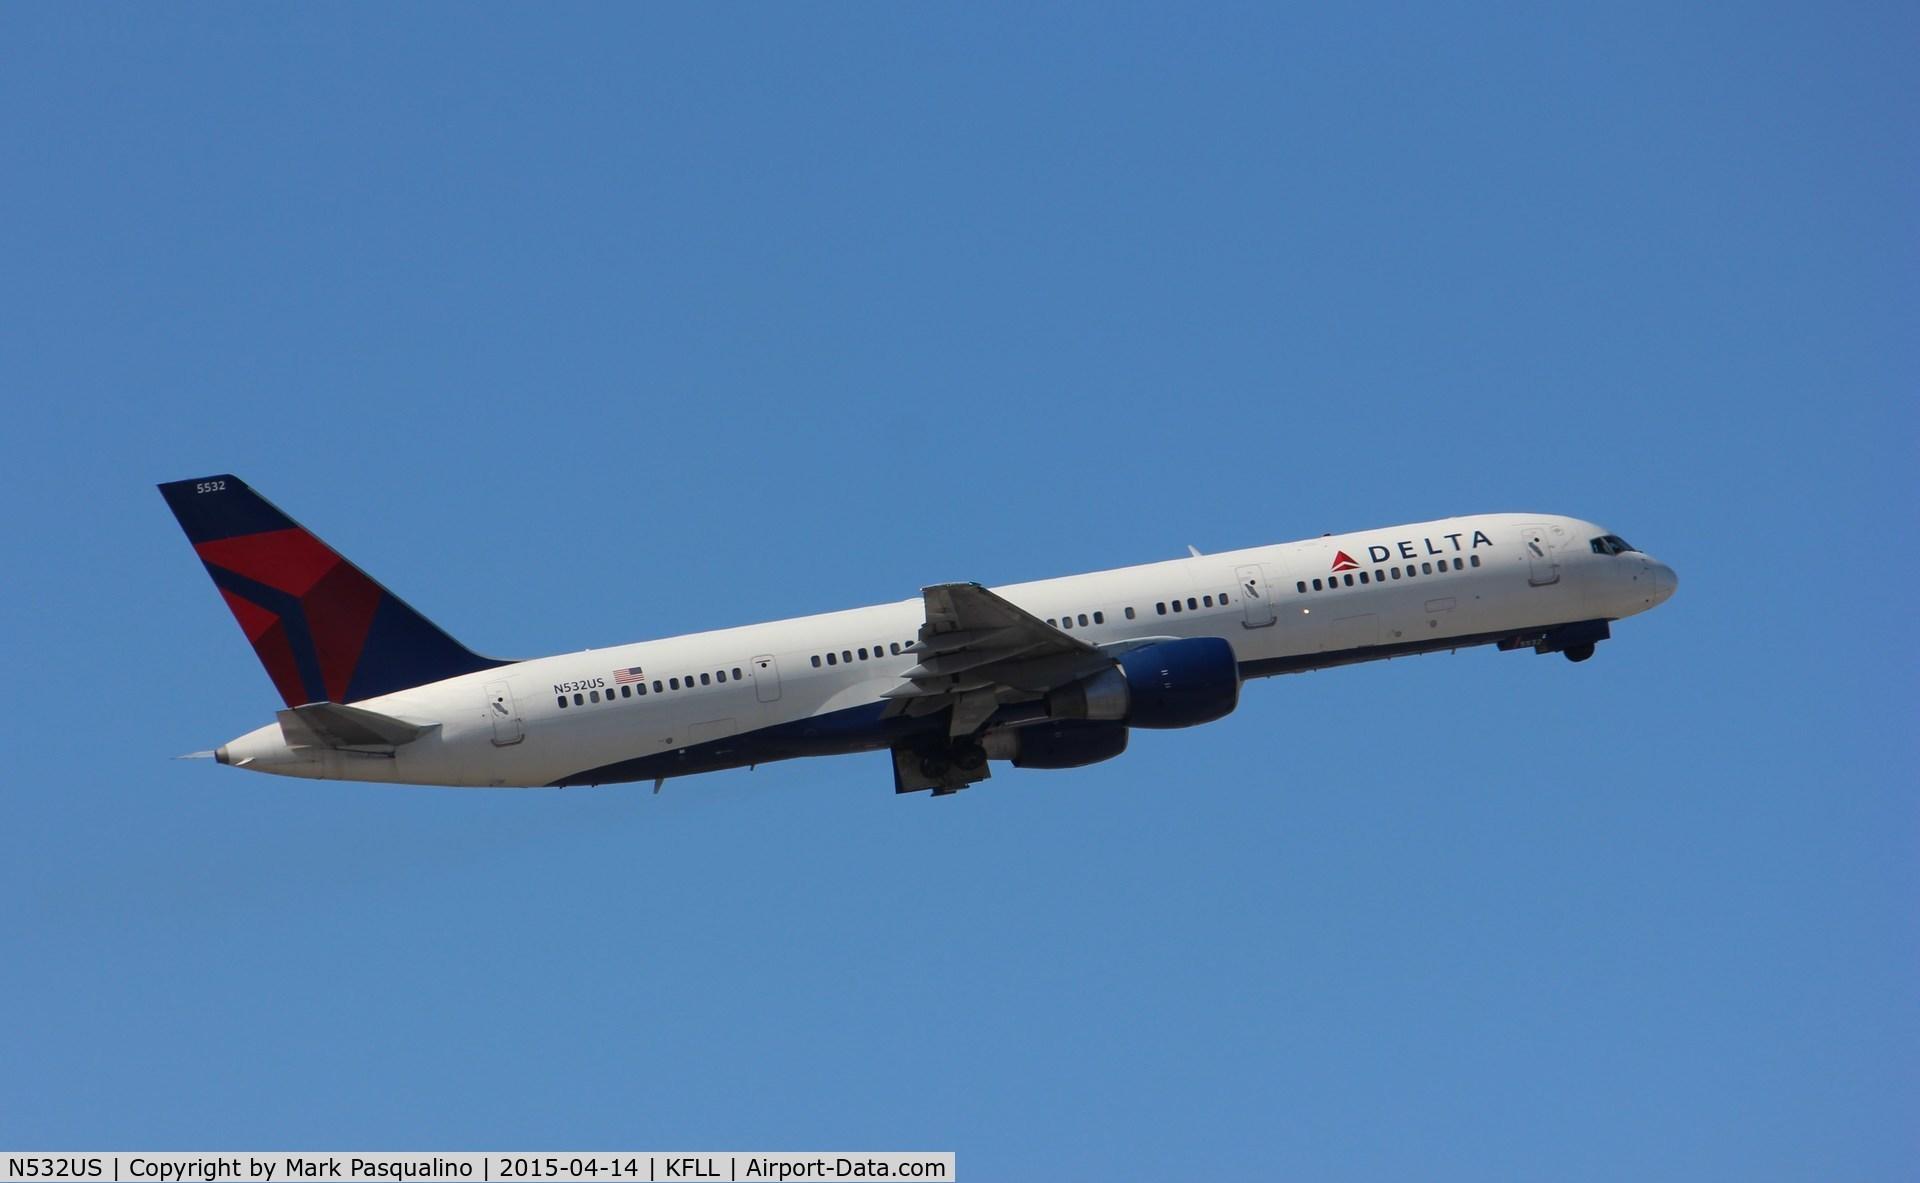 N532US, 1988 Boeing 757-251 C/N 24263, Boeing 757-200